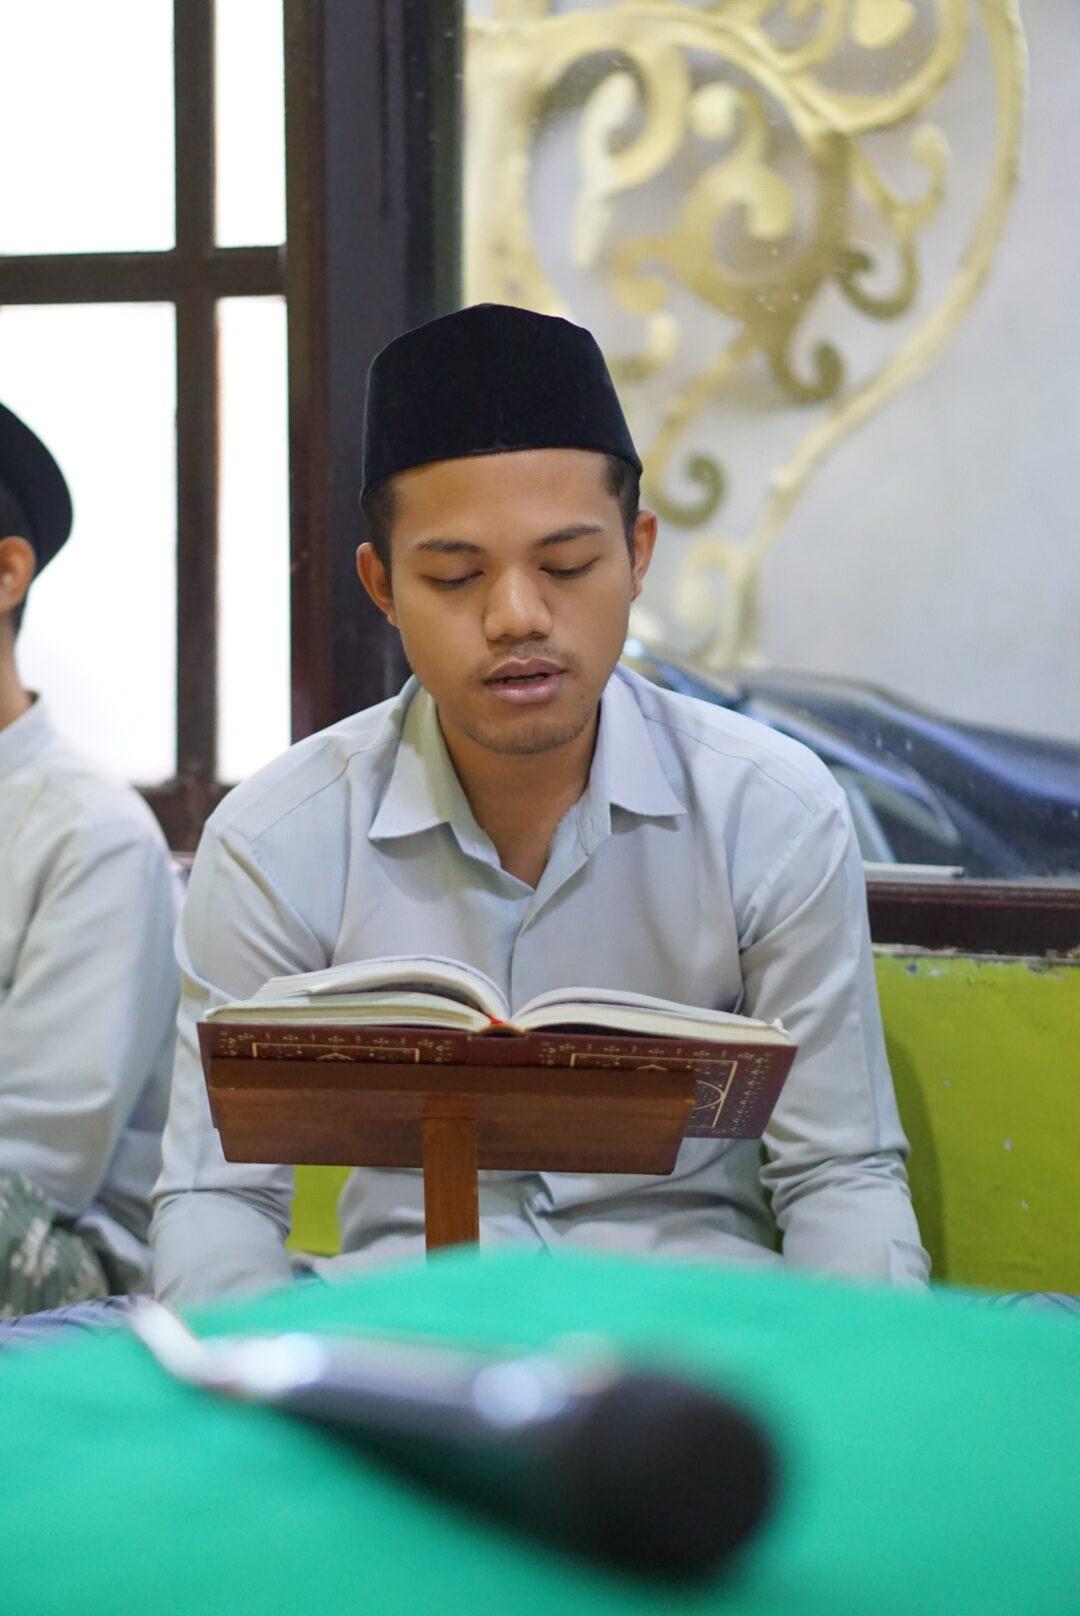 Ahmad Mufid